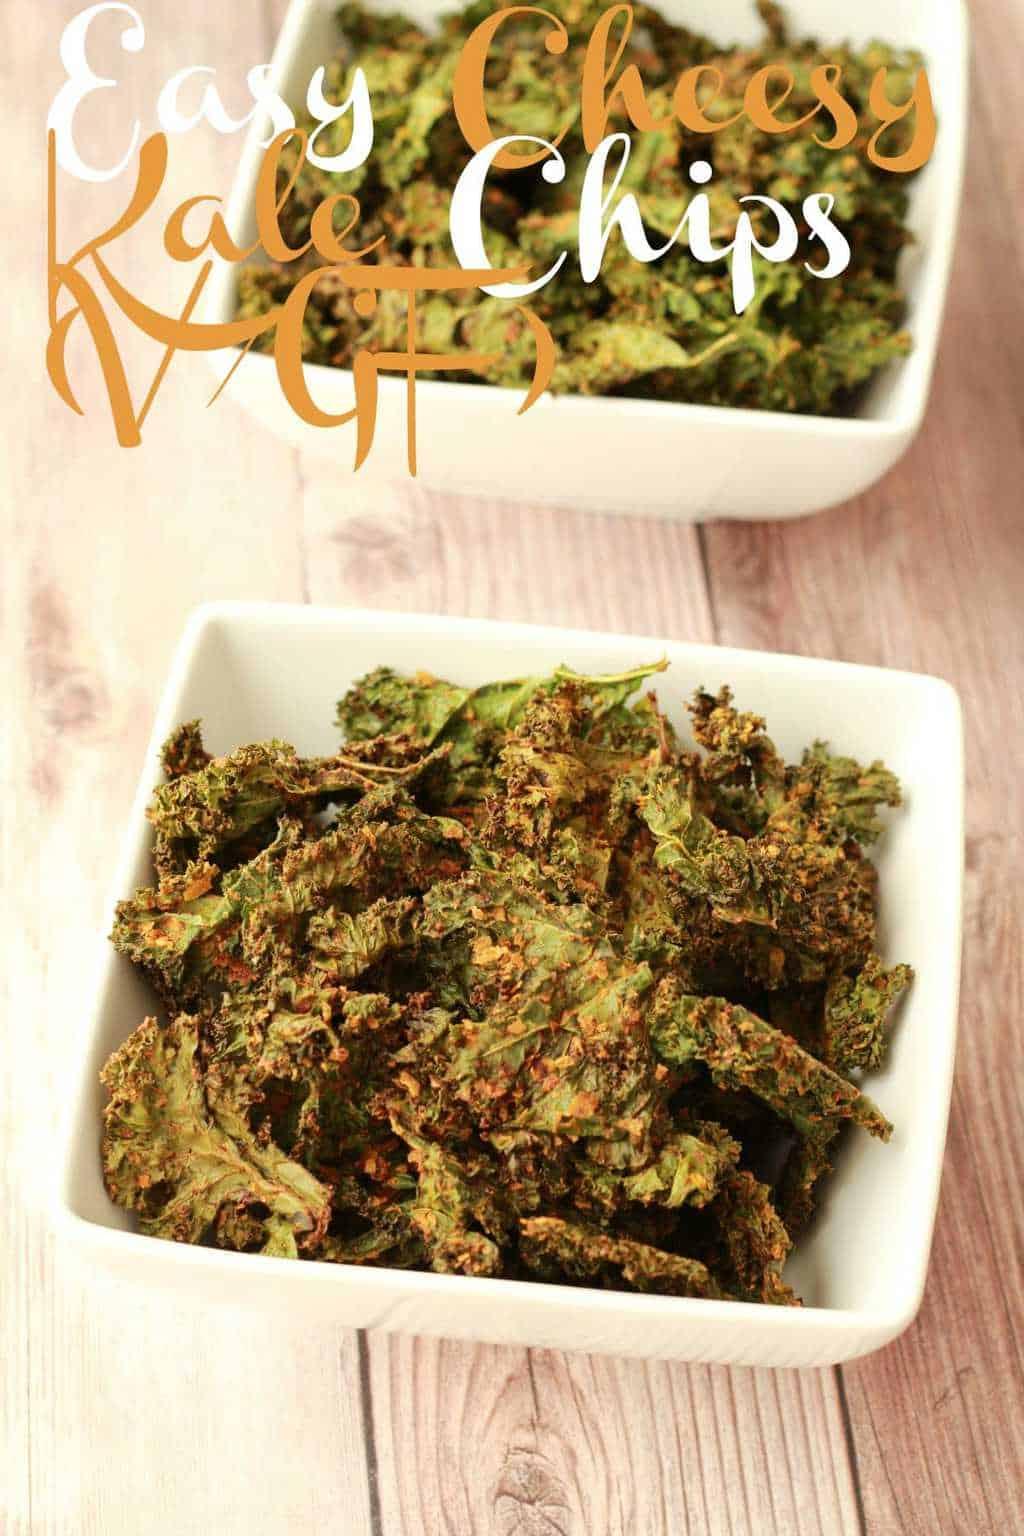 Easy Cheesy Kale Chips. Crispy, savory, cheesy and super healthy! #vegan #lovingitvegan #glutenfree #kalechips #snacks